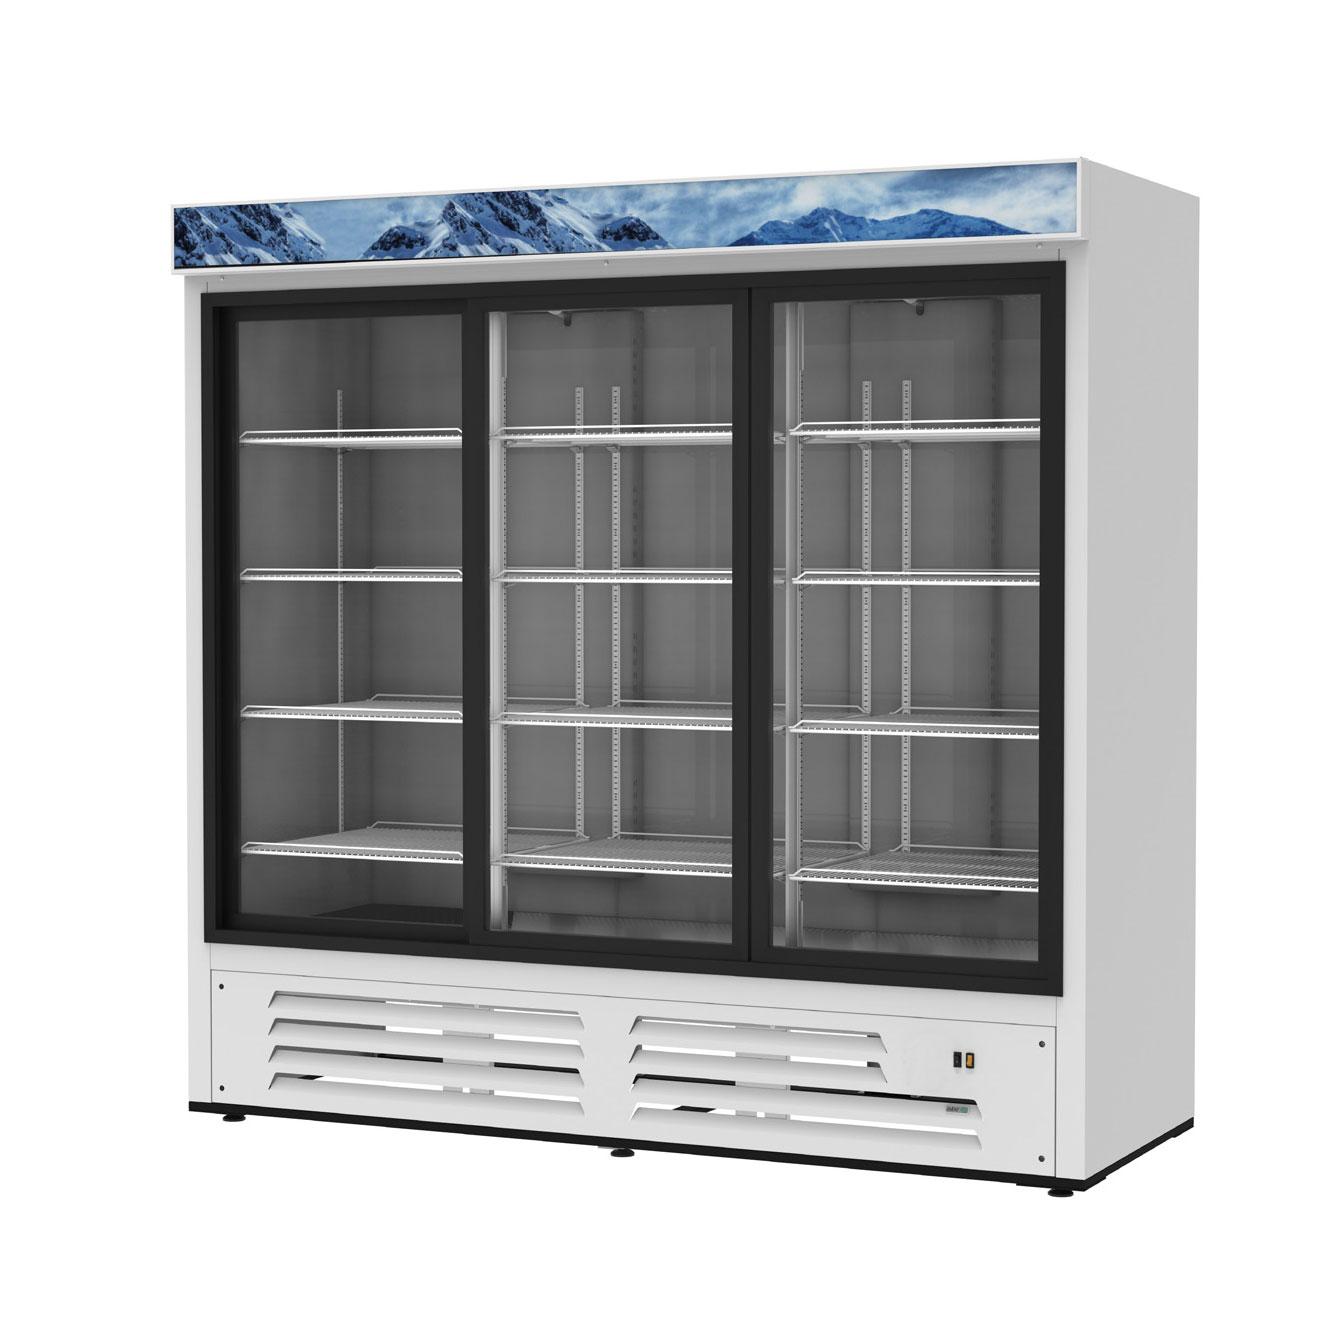 Asber ARMD-69A-SD refrigerator, merchandiser